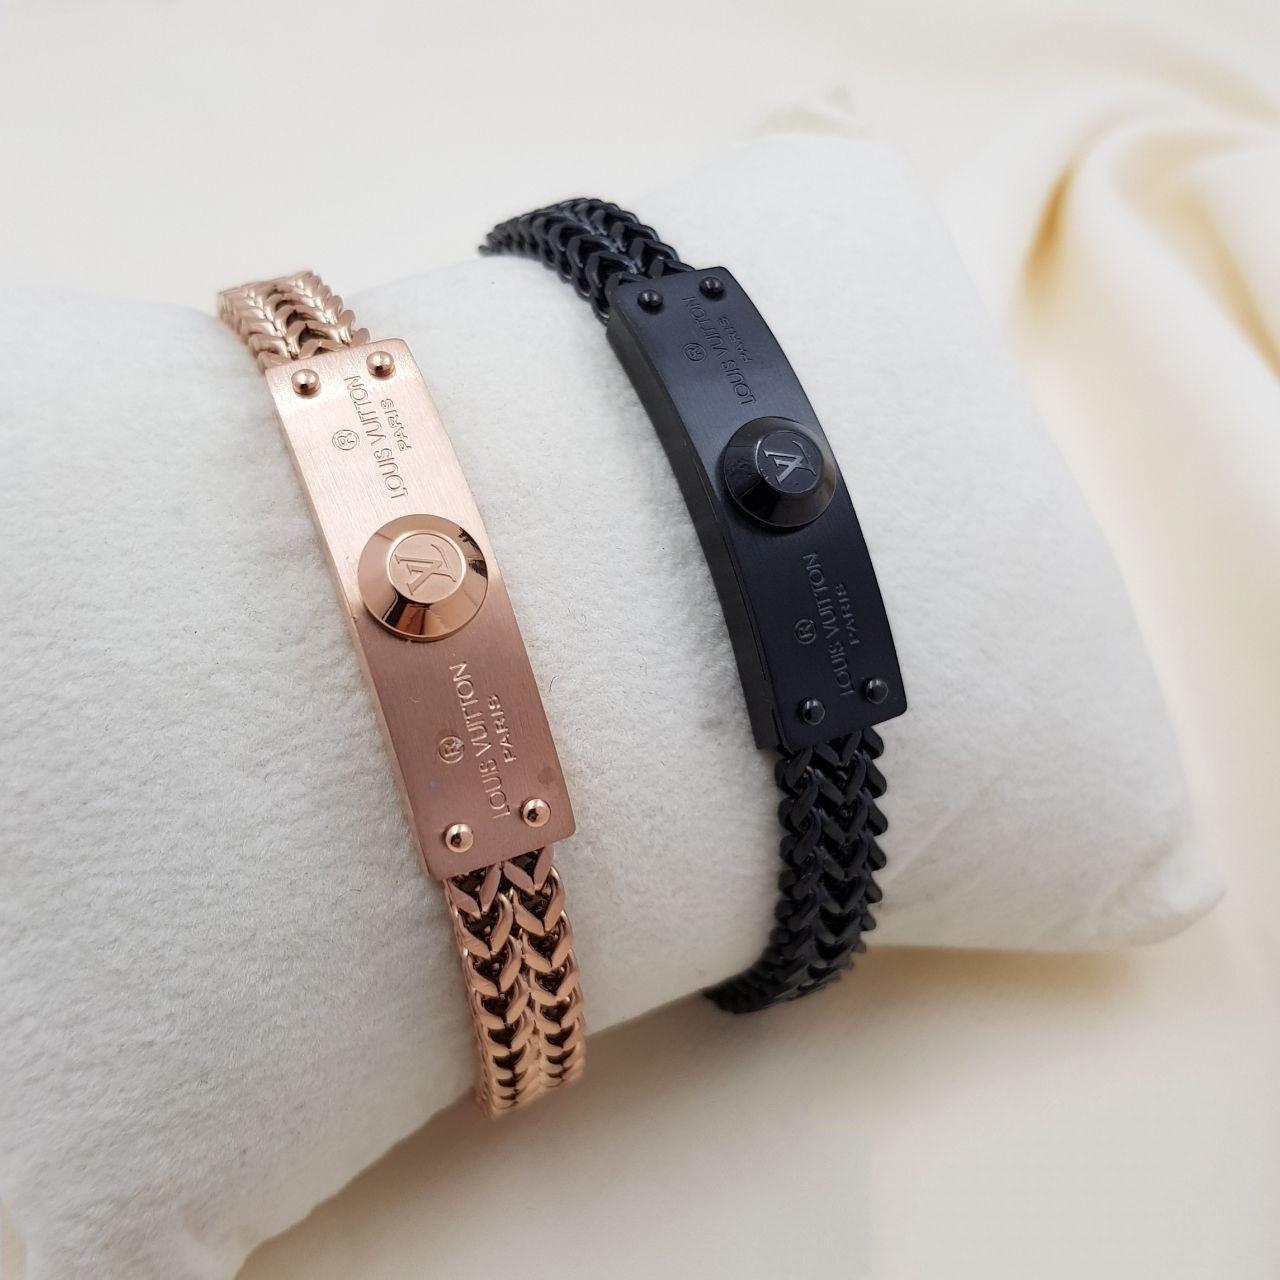 تصویر دستبند مردانه فول استیل رنگ ثابت ضدحساسیت با قفل کشویی مگنتی لویی ویتون - مشکی